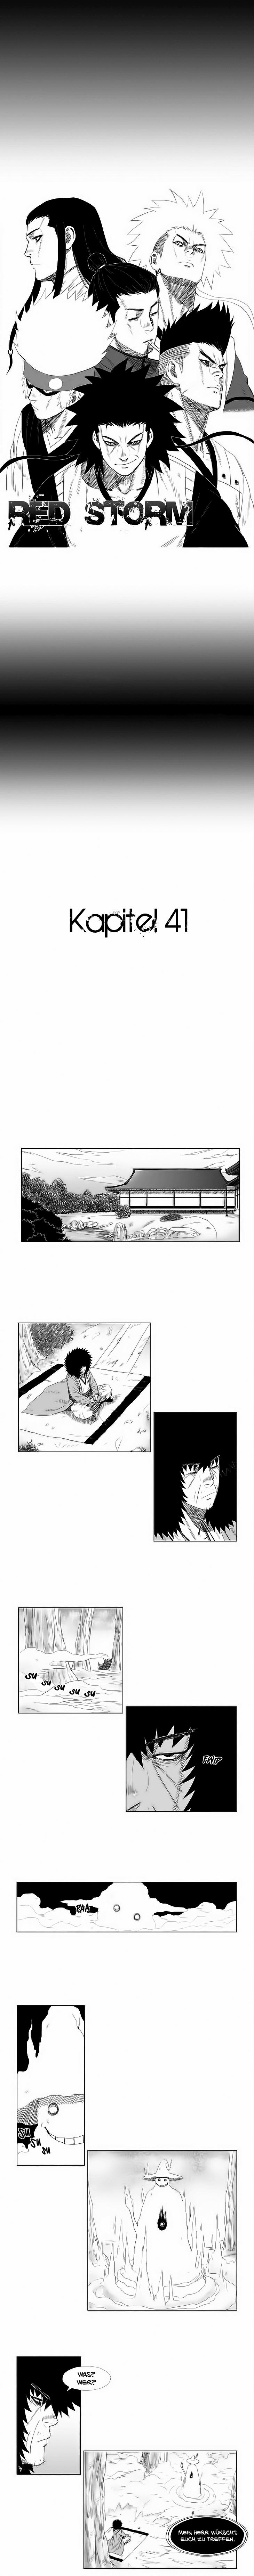 https://wie.mangadogs.com/comics/pic/13/525/201796/Kapitel41_0_286.png Page 1